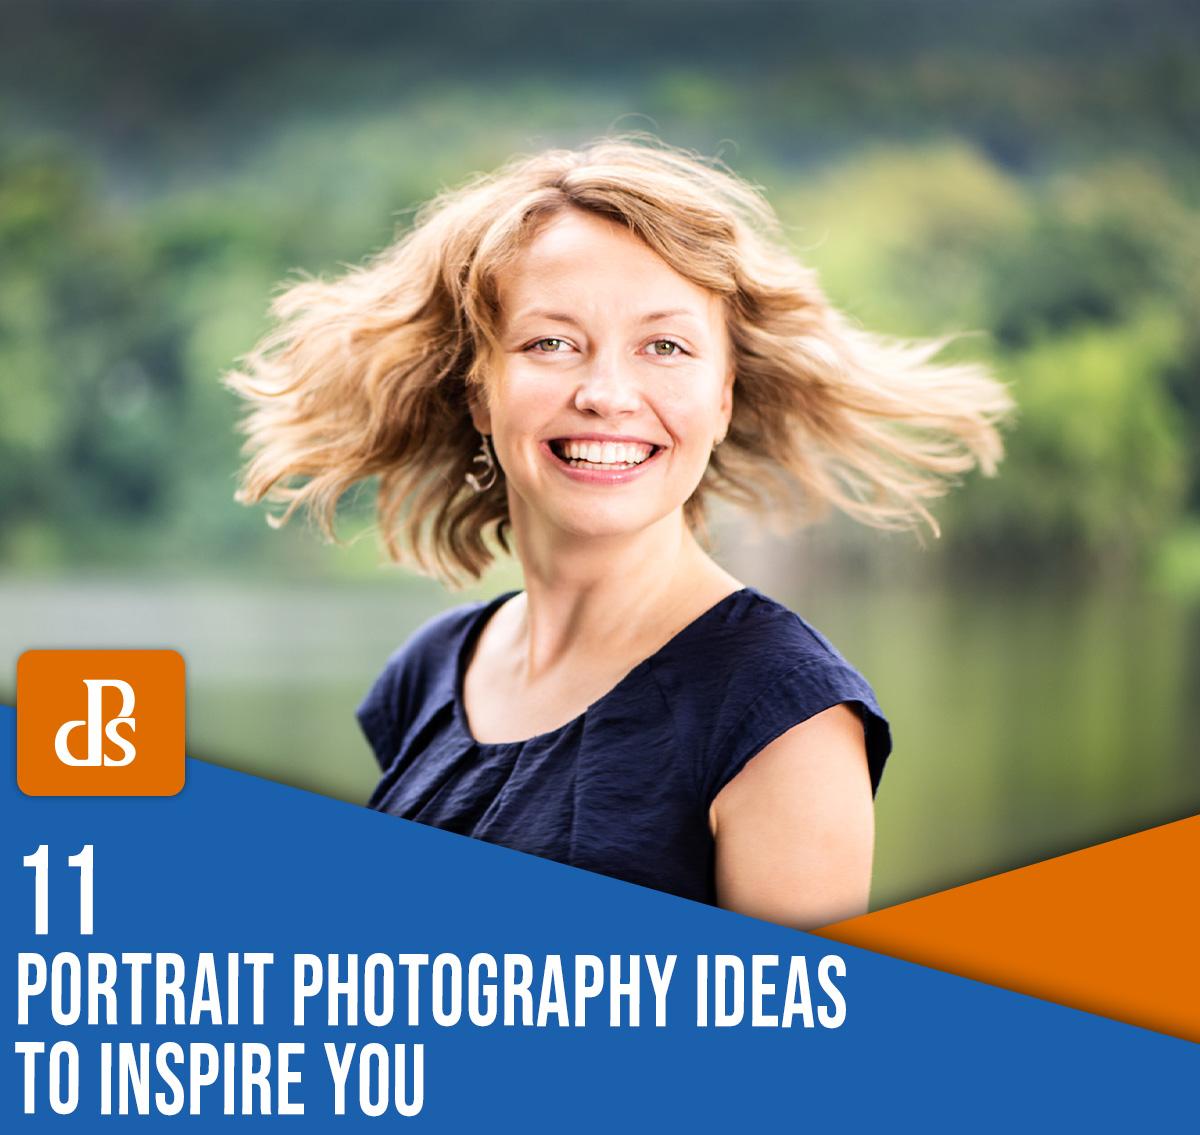 11 ideias de fotografia de retrato que irão inspirar você